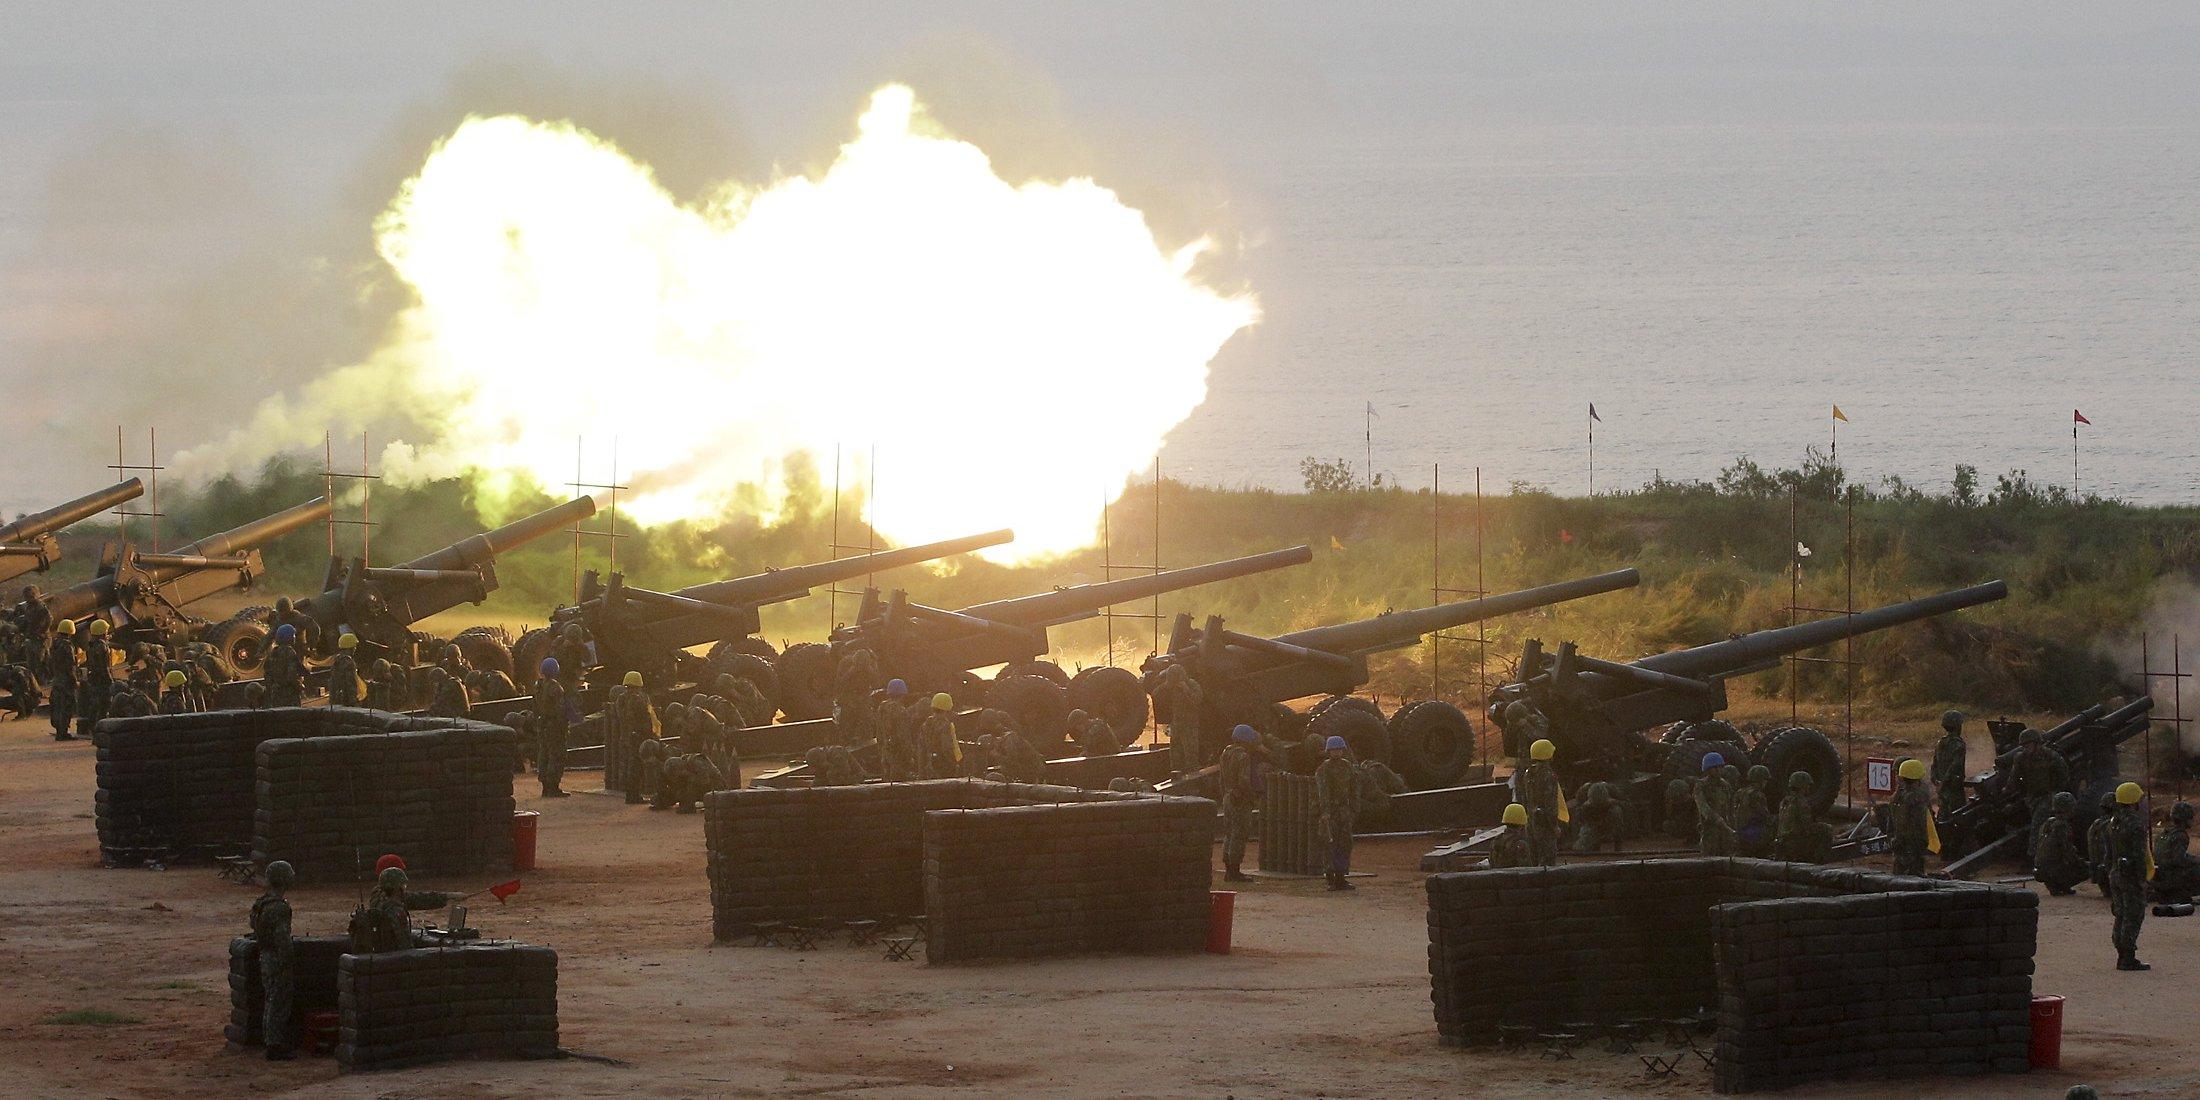 Tajvanski topovi - vojaška vaja na Tajvanu